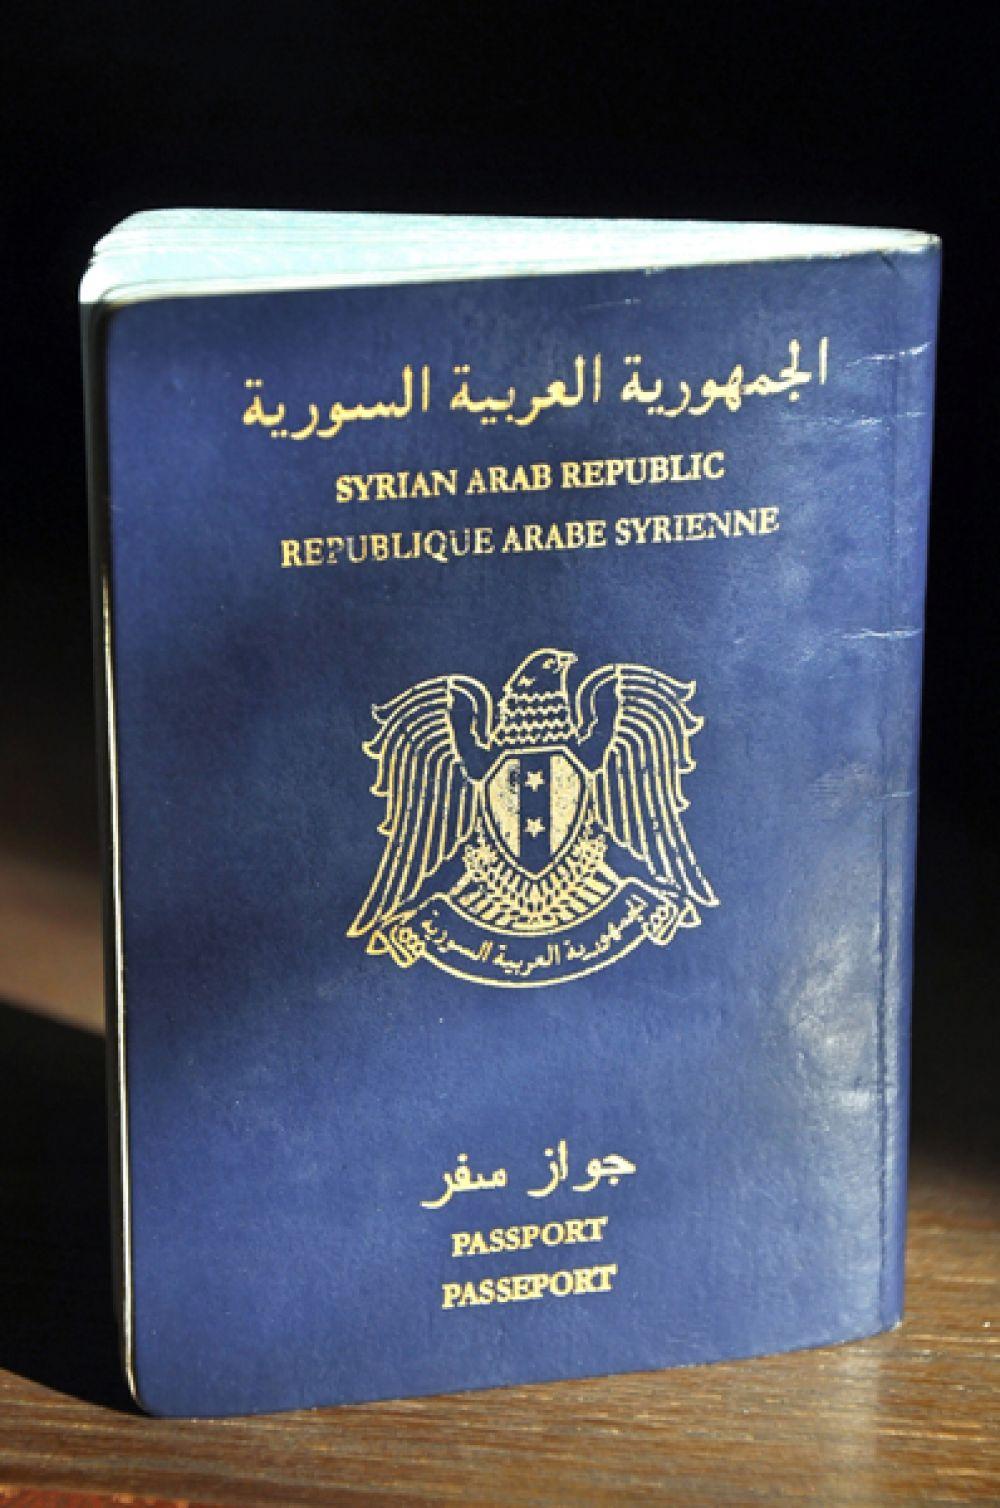 Сирийский паспорт.